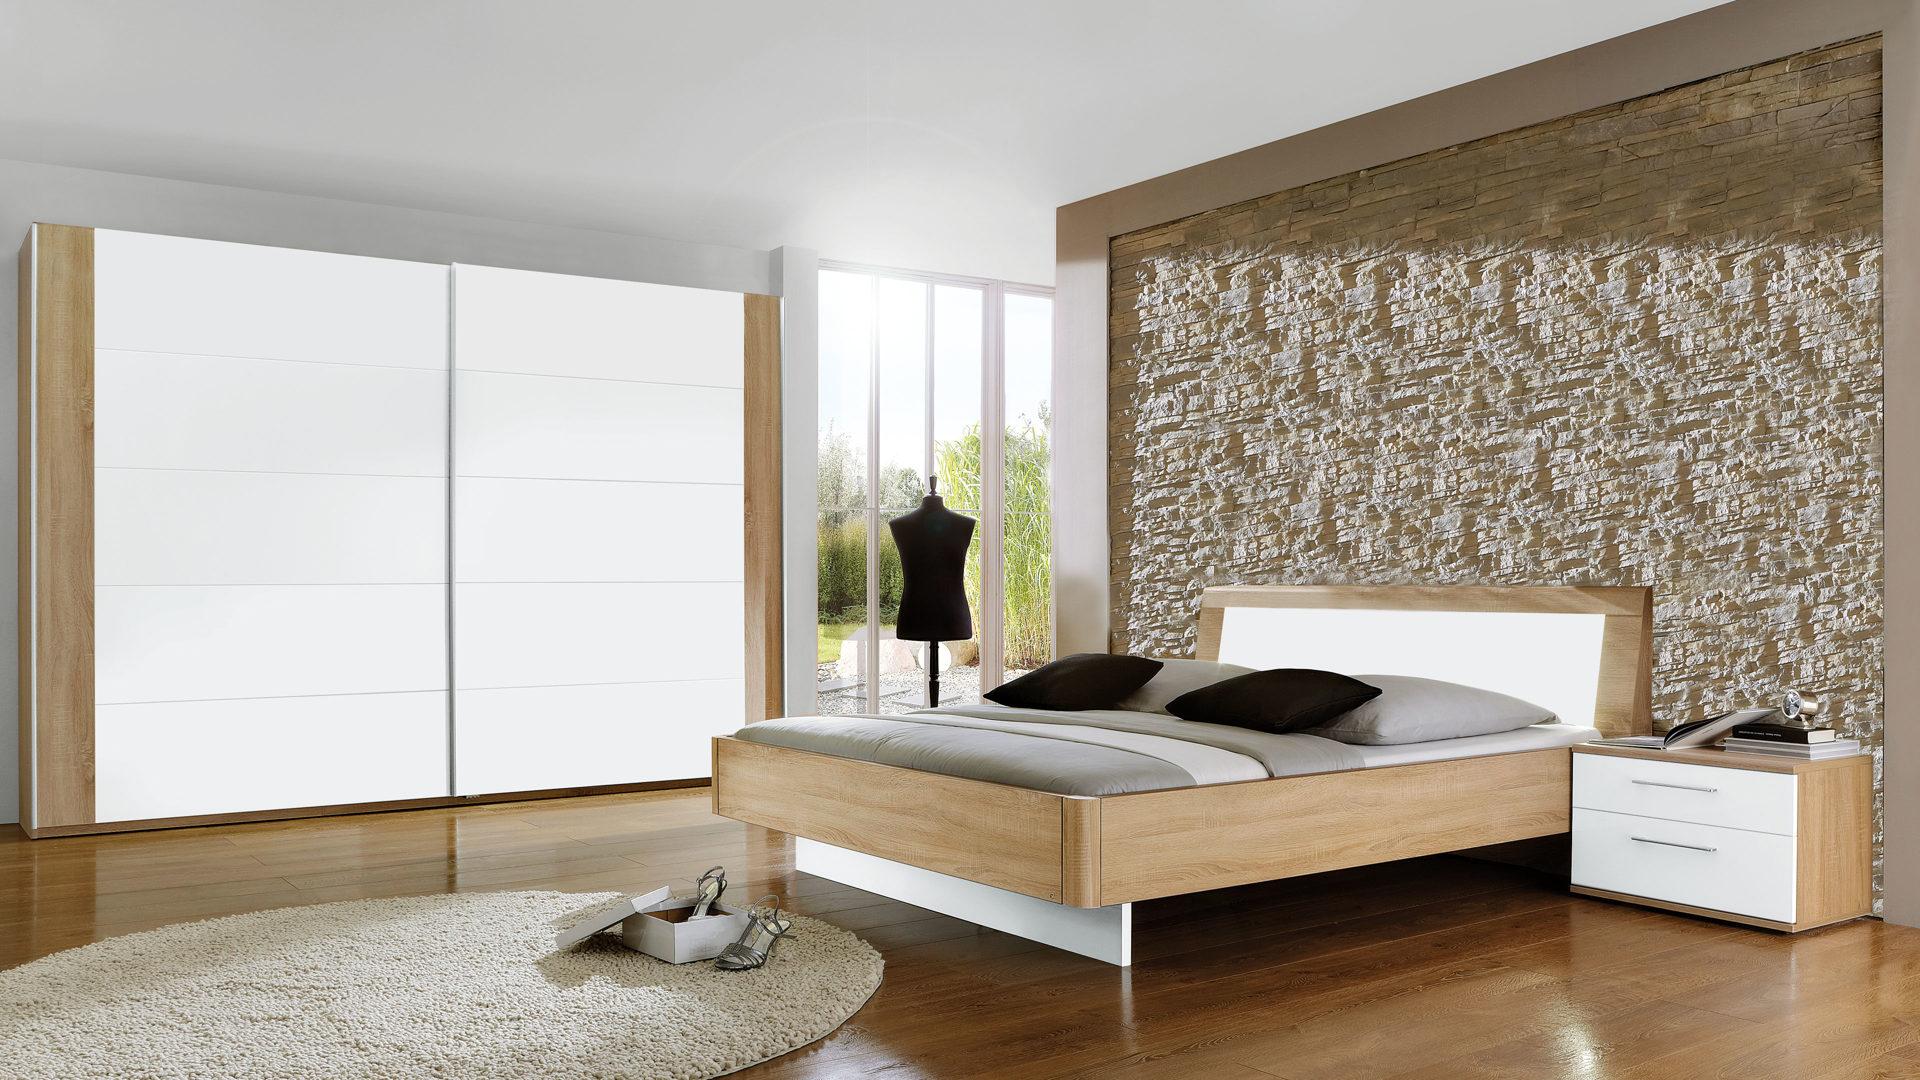 PARTNERRING COLLECTION Schlafzimmer Lavin, weiße & Macao eichefarbene  Oberflächen - vierteilig, Liegefläche ca. 180 x 200 cm